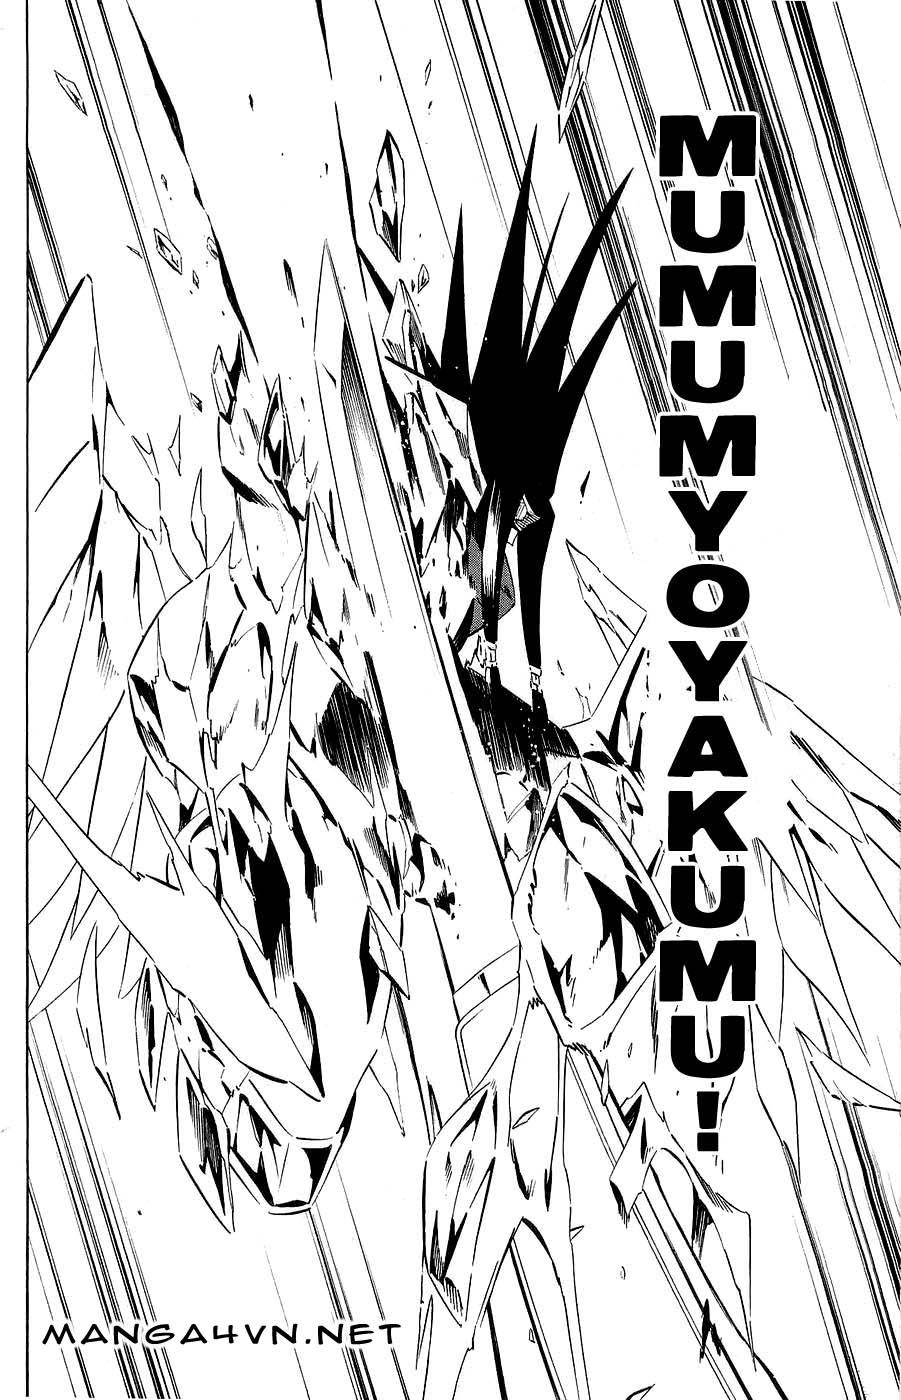 Shaman King [Vua pháp thuật] chap 266 trang 4